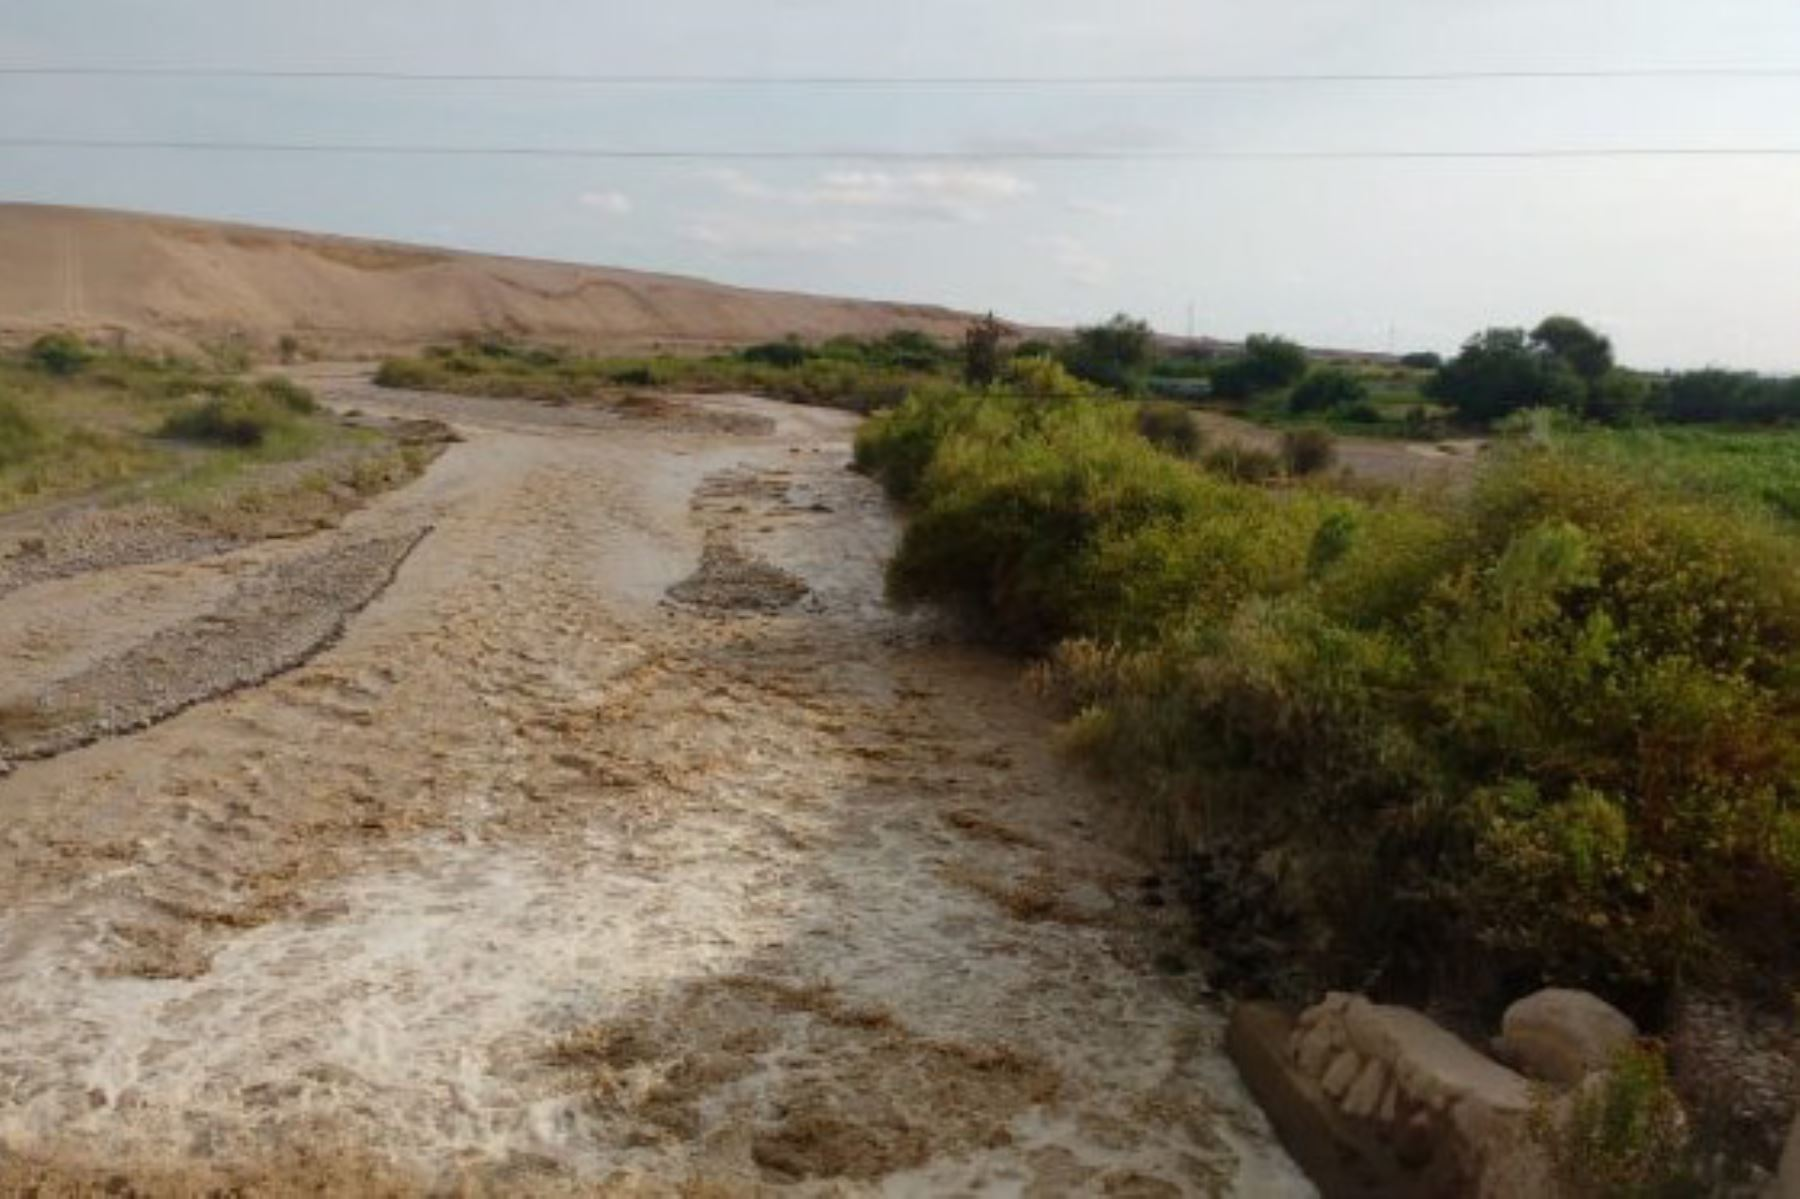 Las intensas lluvias que caen en Tacna han incrementado el caudal de los ríos de la región sureña. Foto: Senamhi